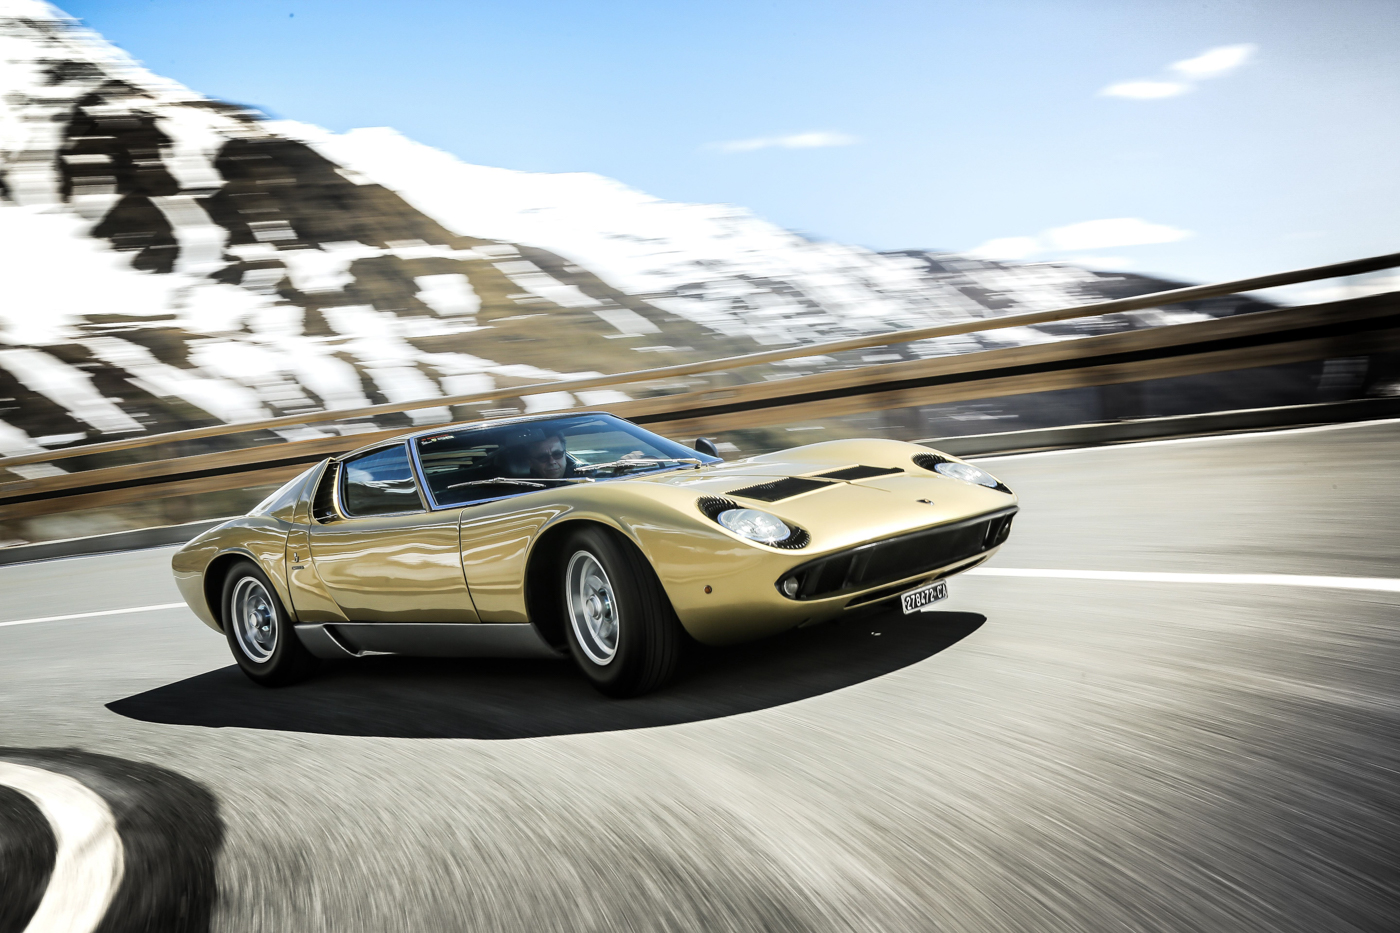 kỷ-niệm-105-năm-ngày-sinh-Ferruccio-Lamborghini-6.jpg